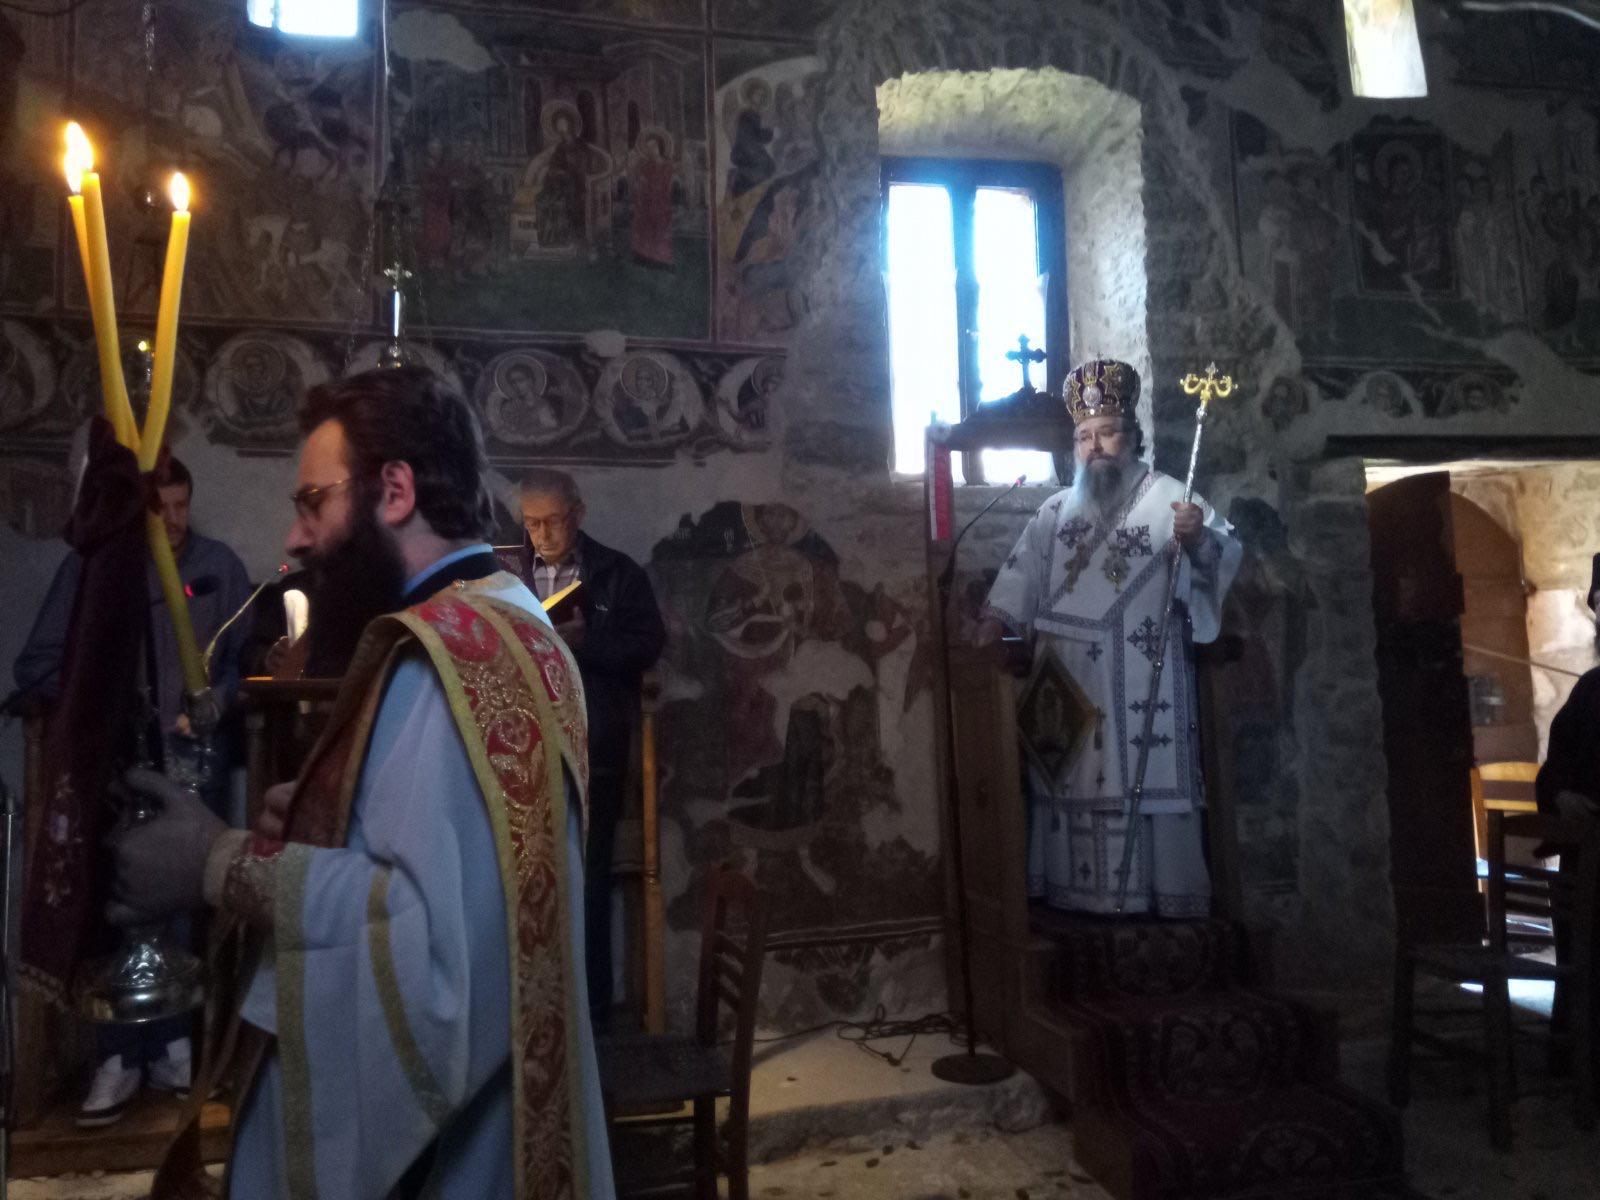 Θεία Λειτουργία Αγίου Μεγαλομάρτυρος Χριστοφόρου στο Μοναστήρι Αγίου Ιωάννου στο Λιβάδι της Καρυάς